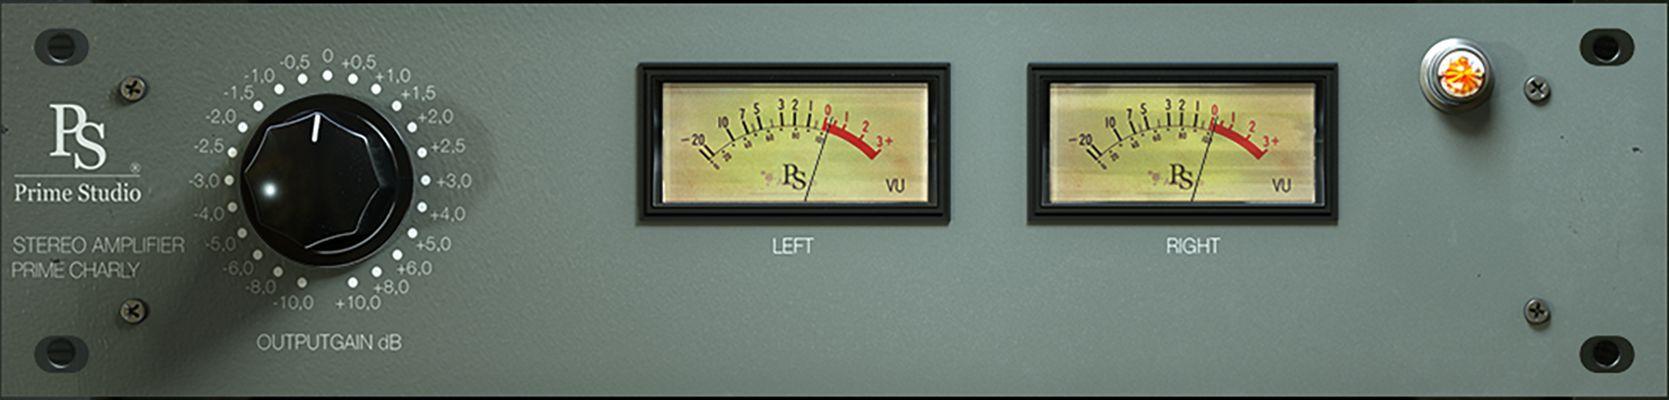 Free summing amplifier vstau plugin by prime studio met